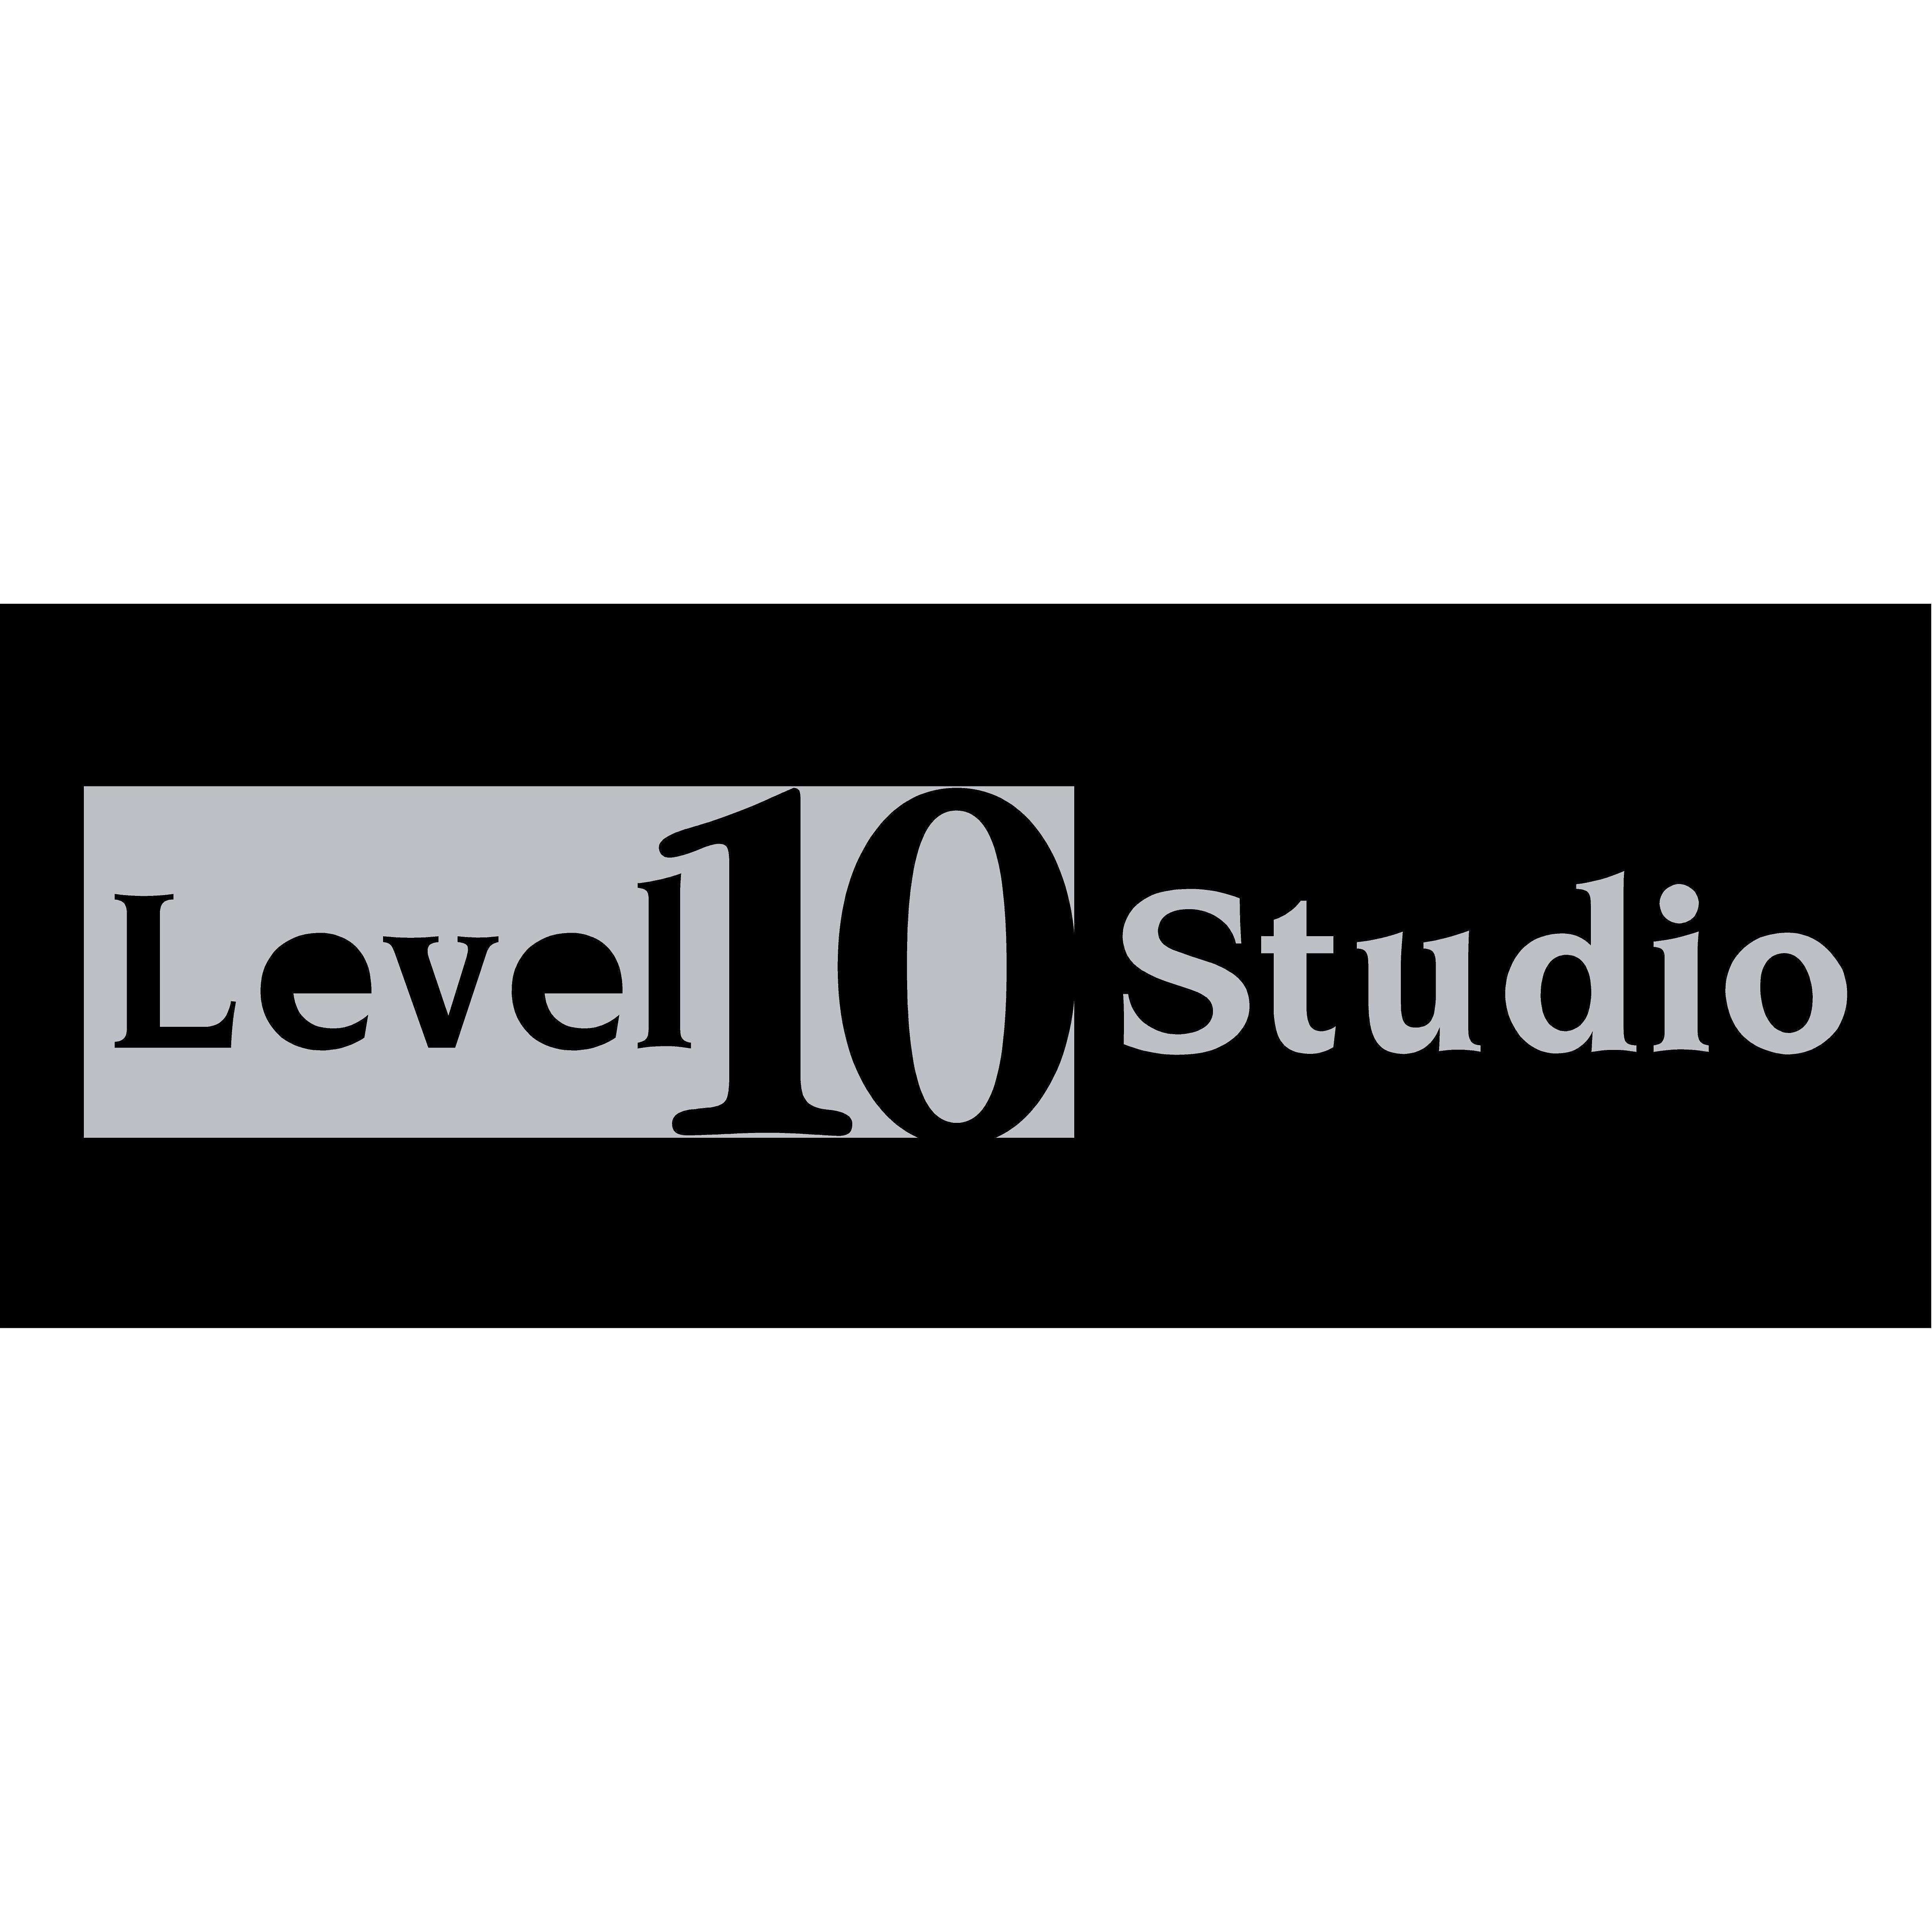 Level 10 Studio